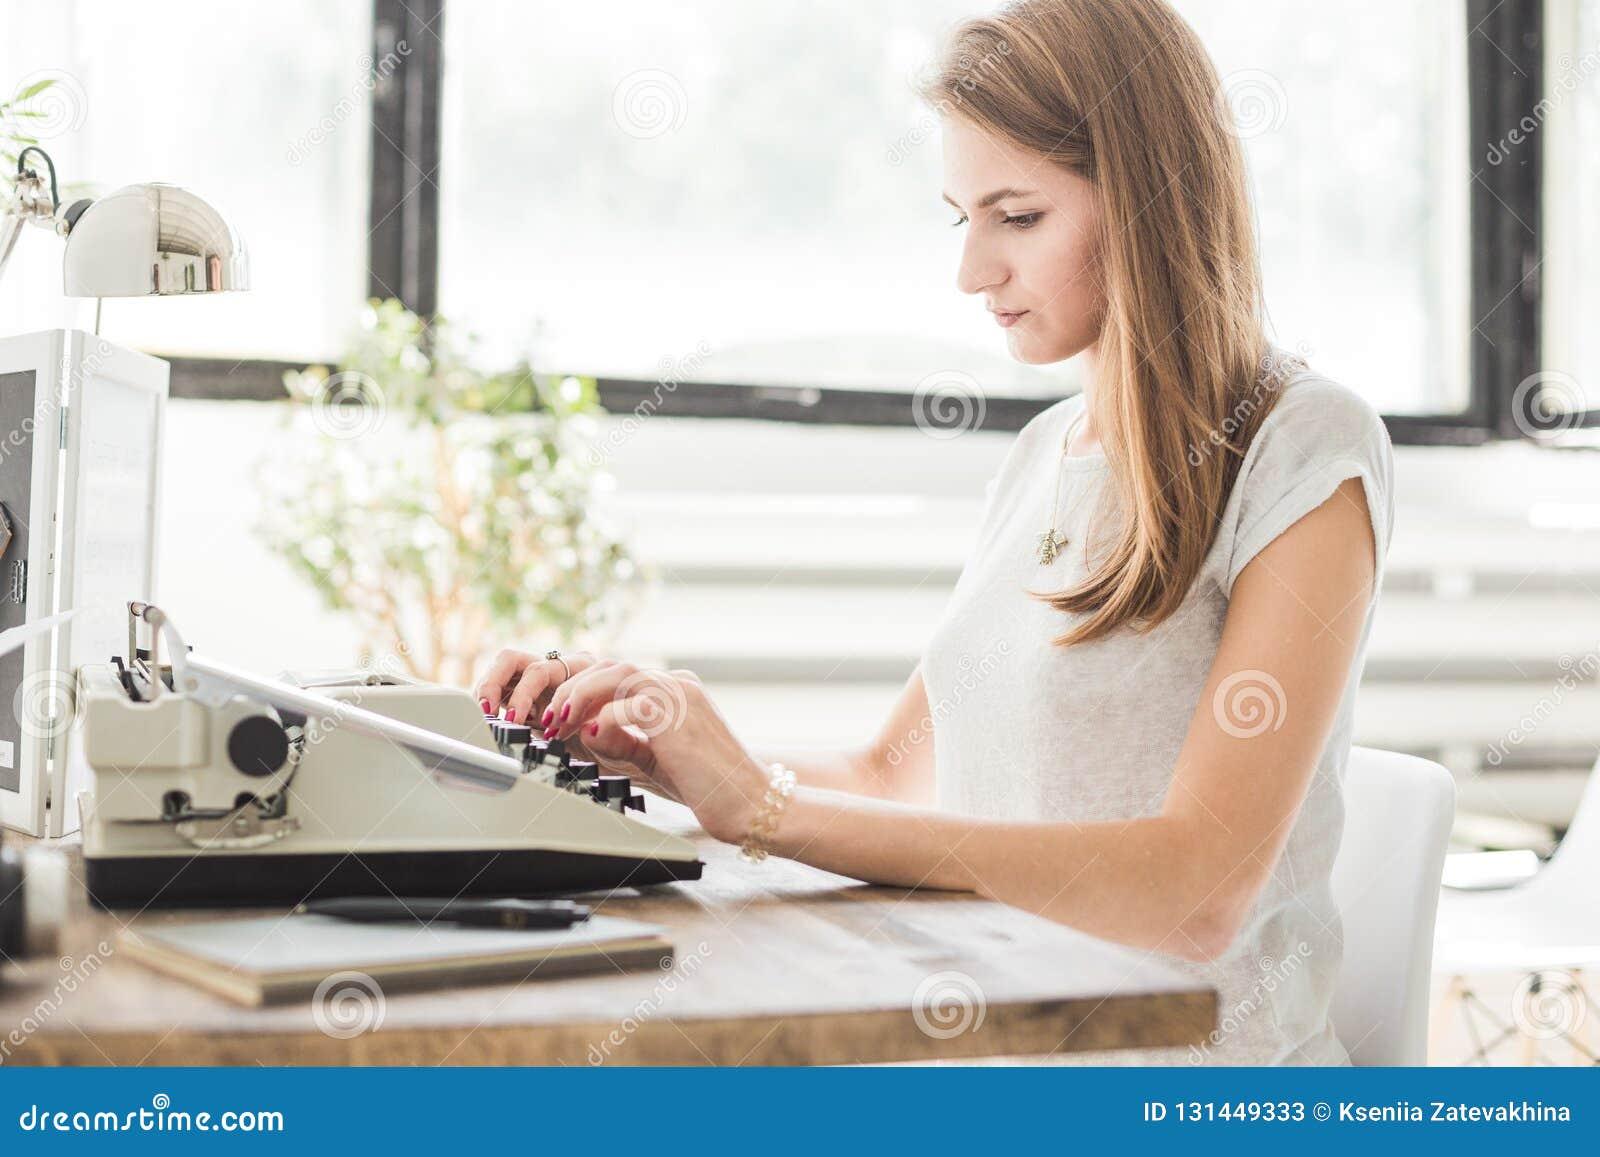 Νέα επιχειρησιακή γυναίκα που εργάζεται στο σπίτι και που δακτυλογραφεί σε μια γραφομηχανή Δημιουργικός Σκανδιναβικός χώρος εργασ